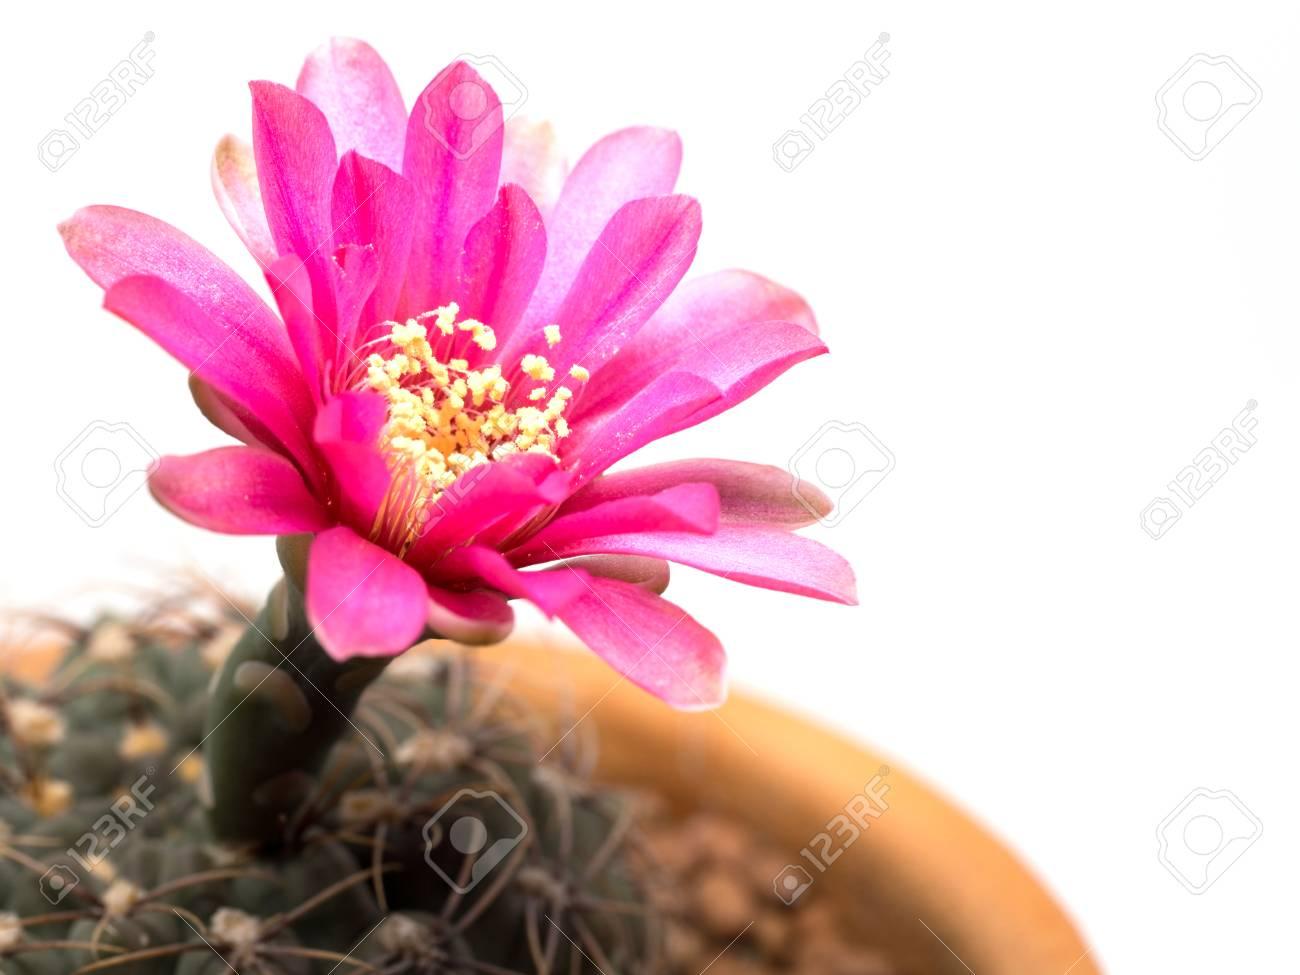 Gros Plan Cactus Avec Une Fleur Rose Dans Un Pot Isole Sur Fond